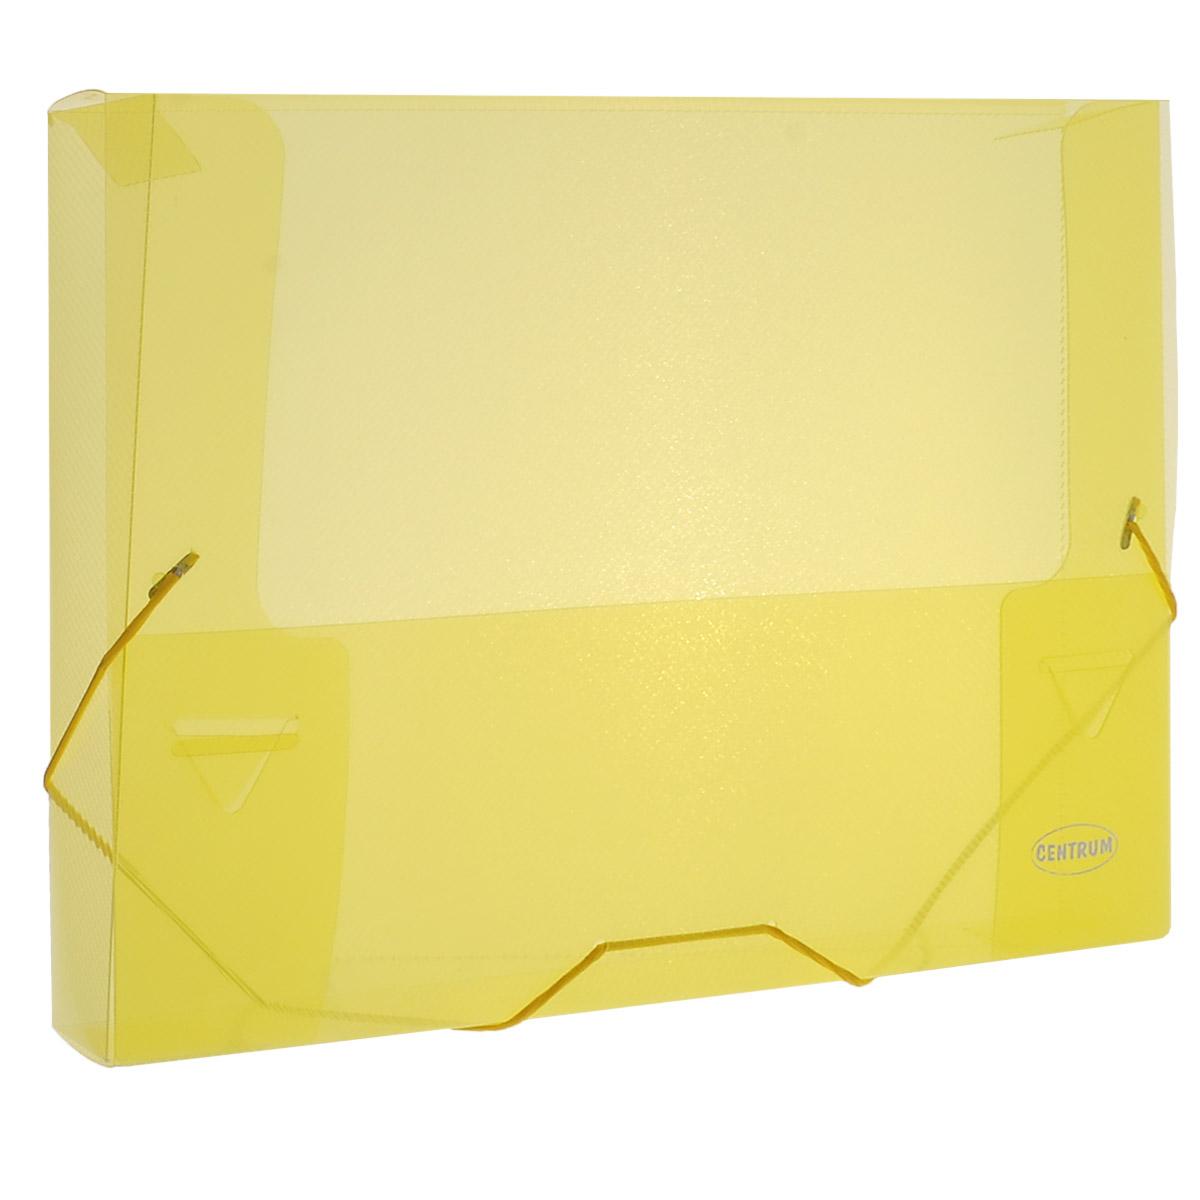 Папка на резинке Centrum, цвет: желтый, формат А4. 80020AC-1121RDПапка на резинке Centrum станет вашим верным помощником дома и в офисе. Это удобный и функциональный инструмент, предназначенный для хранения и транспортировки больших объемов рабочих бумаг и документов формата А4.Папка изготовлена из износостойкого высококачественного пластика. Состоит из одного вместительного отделения. Грани папки закруглены для дополнительной прочности и сохранности опрятного вида папки.Папка - это незаменимый атрибут для любого студента, школьника или офисного работника. Такая папка надежно сохранит ваши бумаги и сбережет их от повреждений, пыли и влаги.